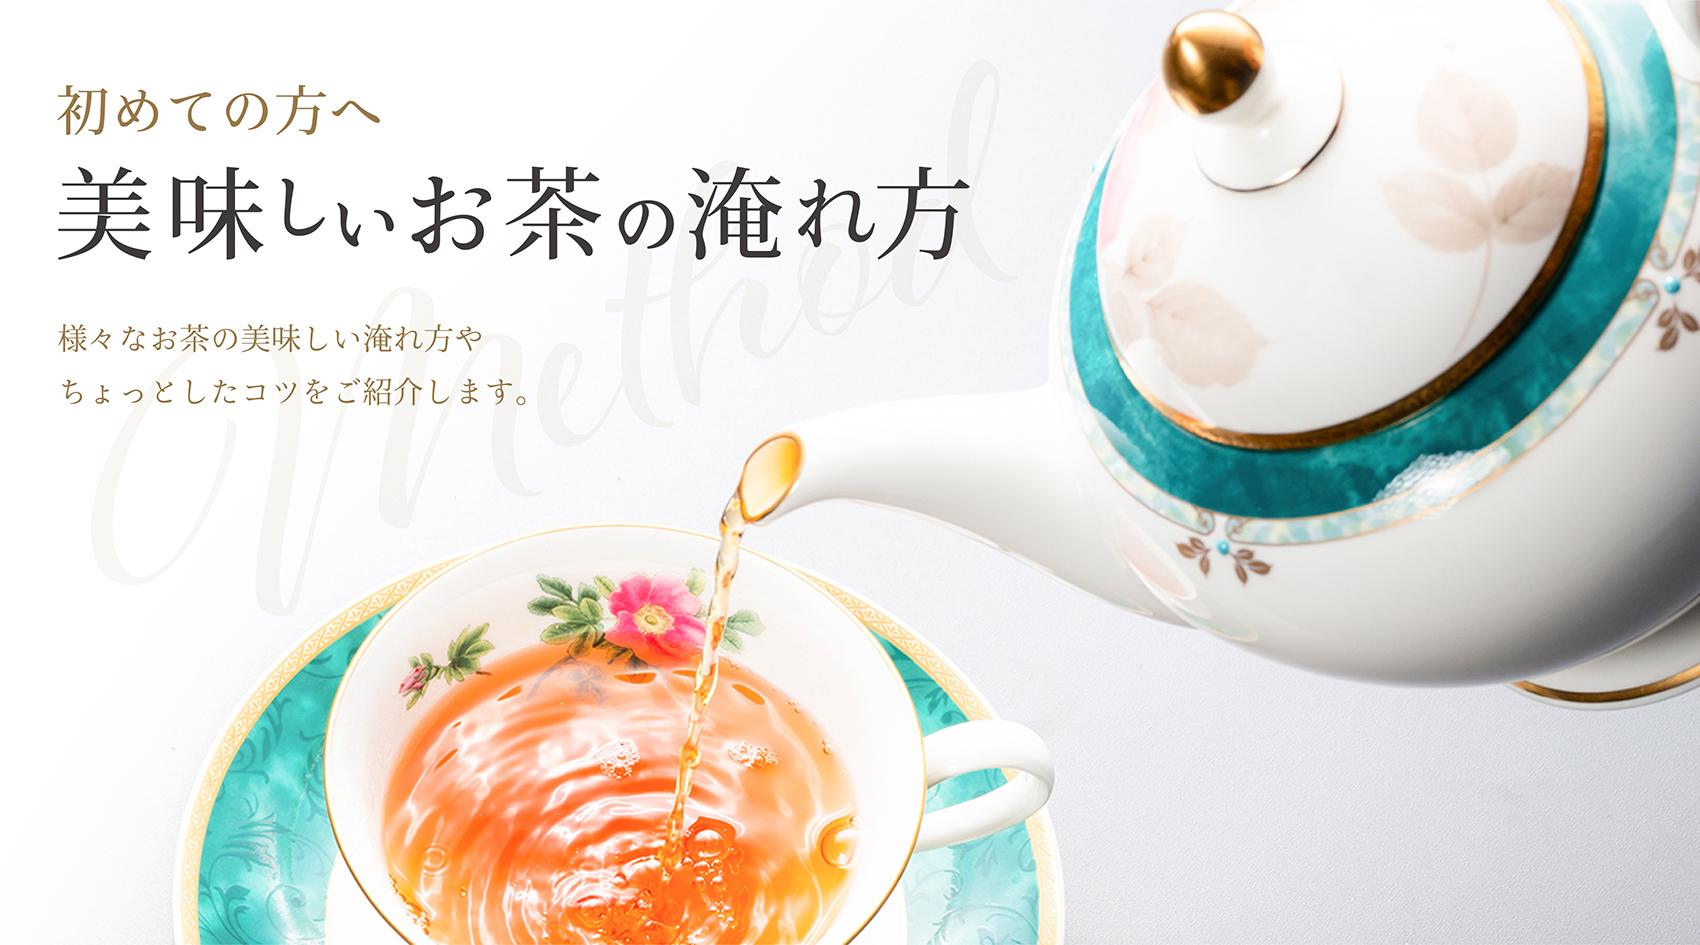 美味しいお茶の淹れ方について